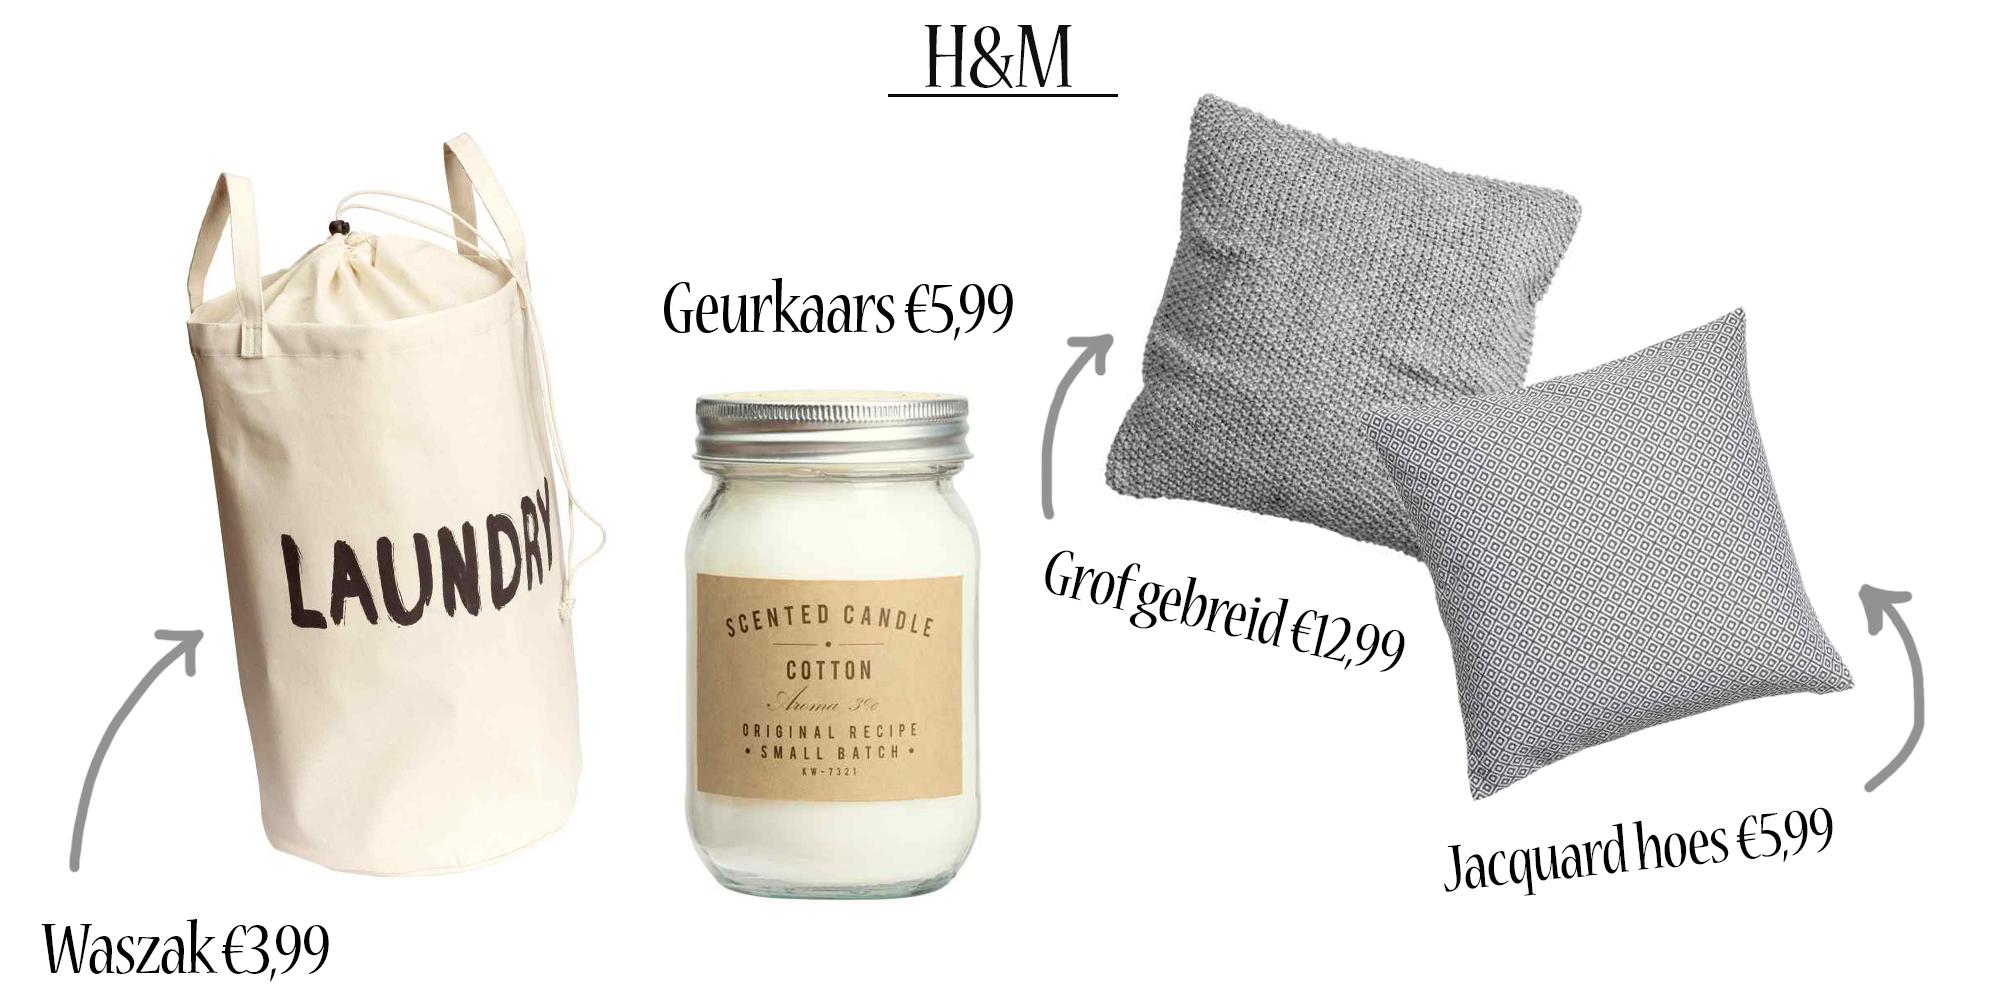 h&m budgettip